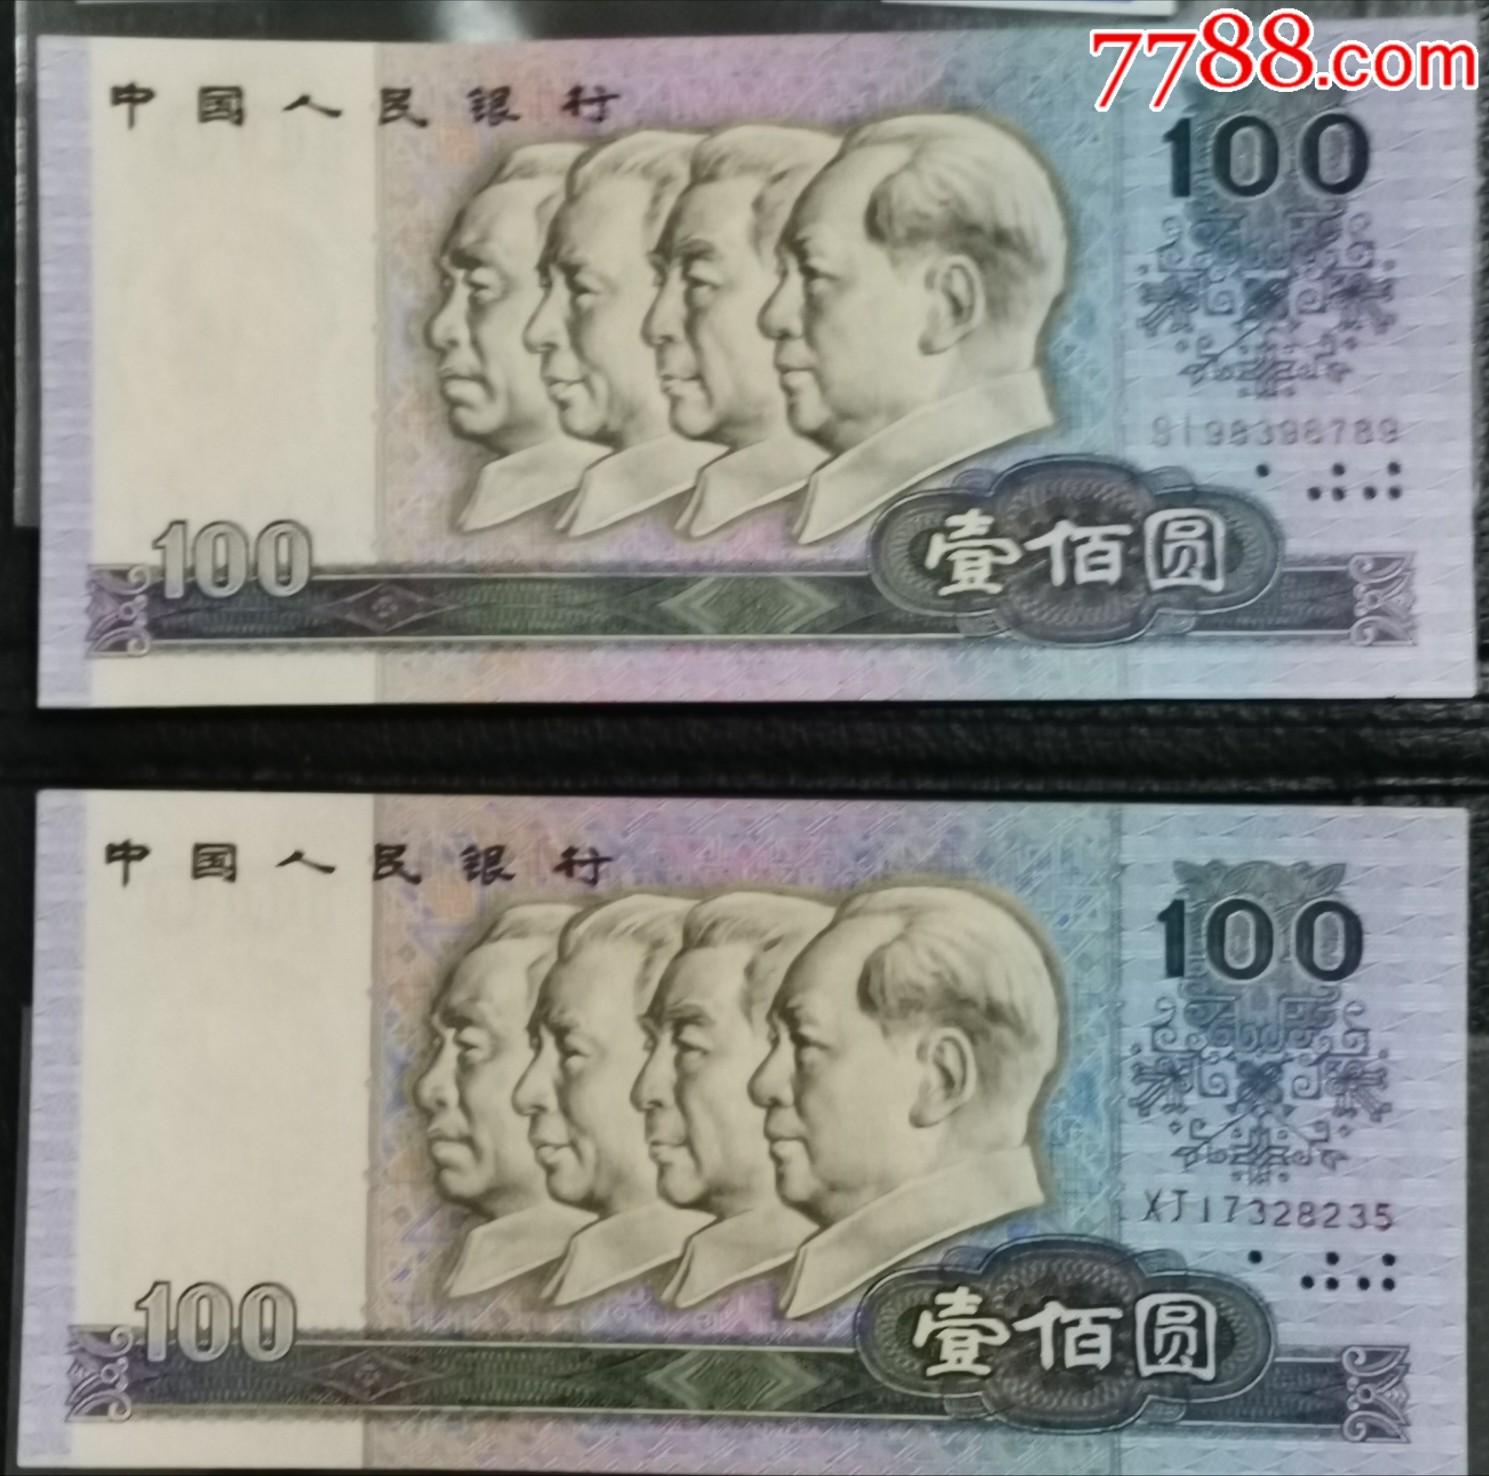 90100特殊币二枚(se68061365)_